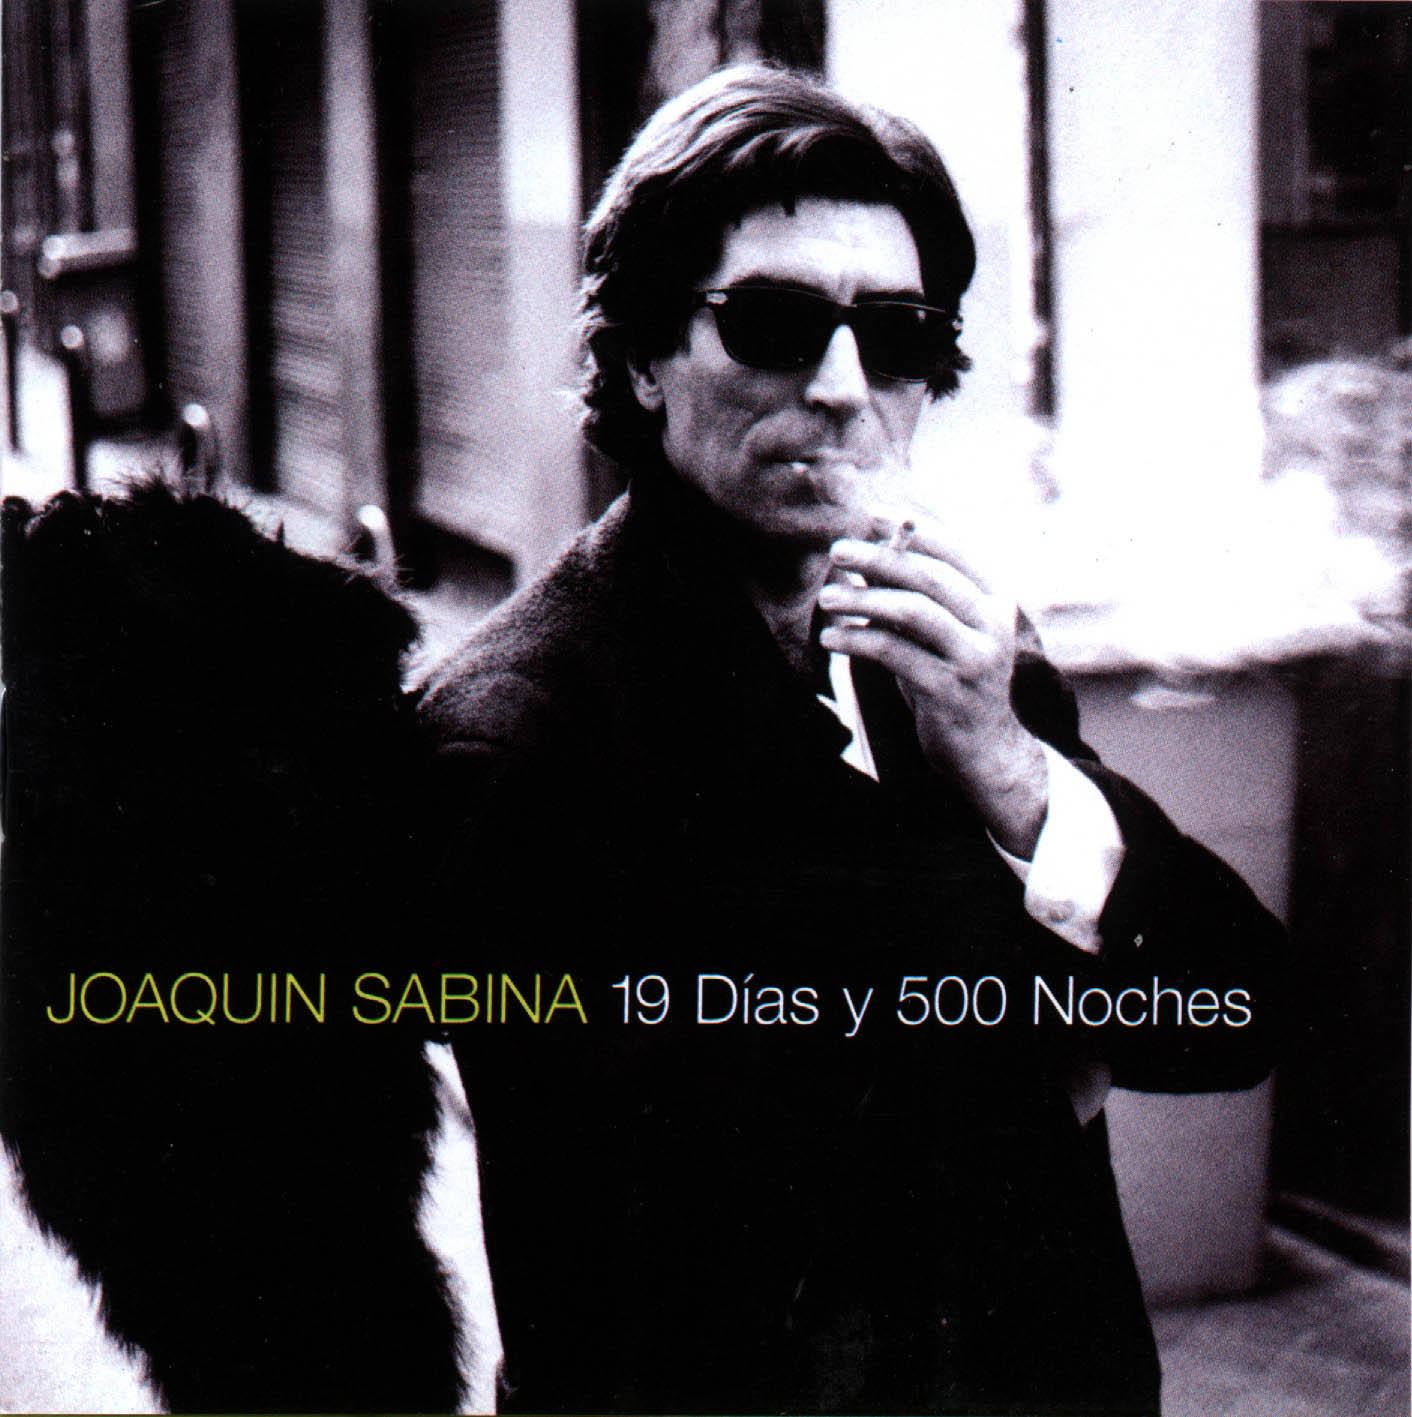 Los discos esenciales del pop español - Página 5 Joaquin_Sabina-19_Dias_y_500_Noches-Frontal